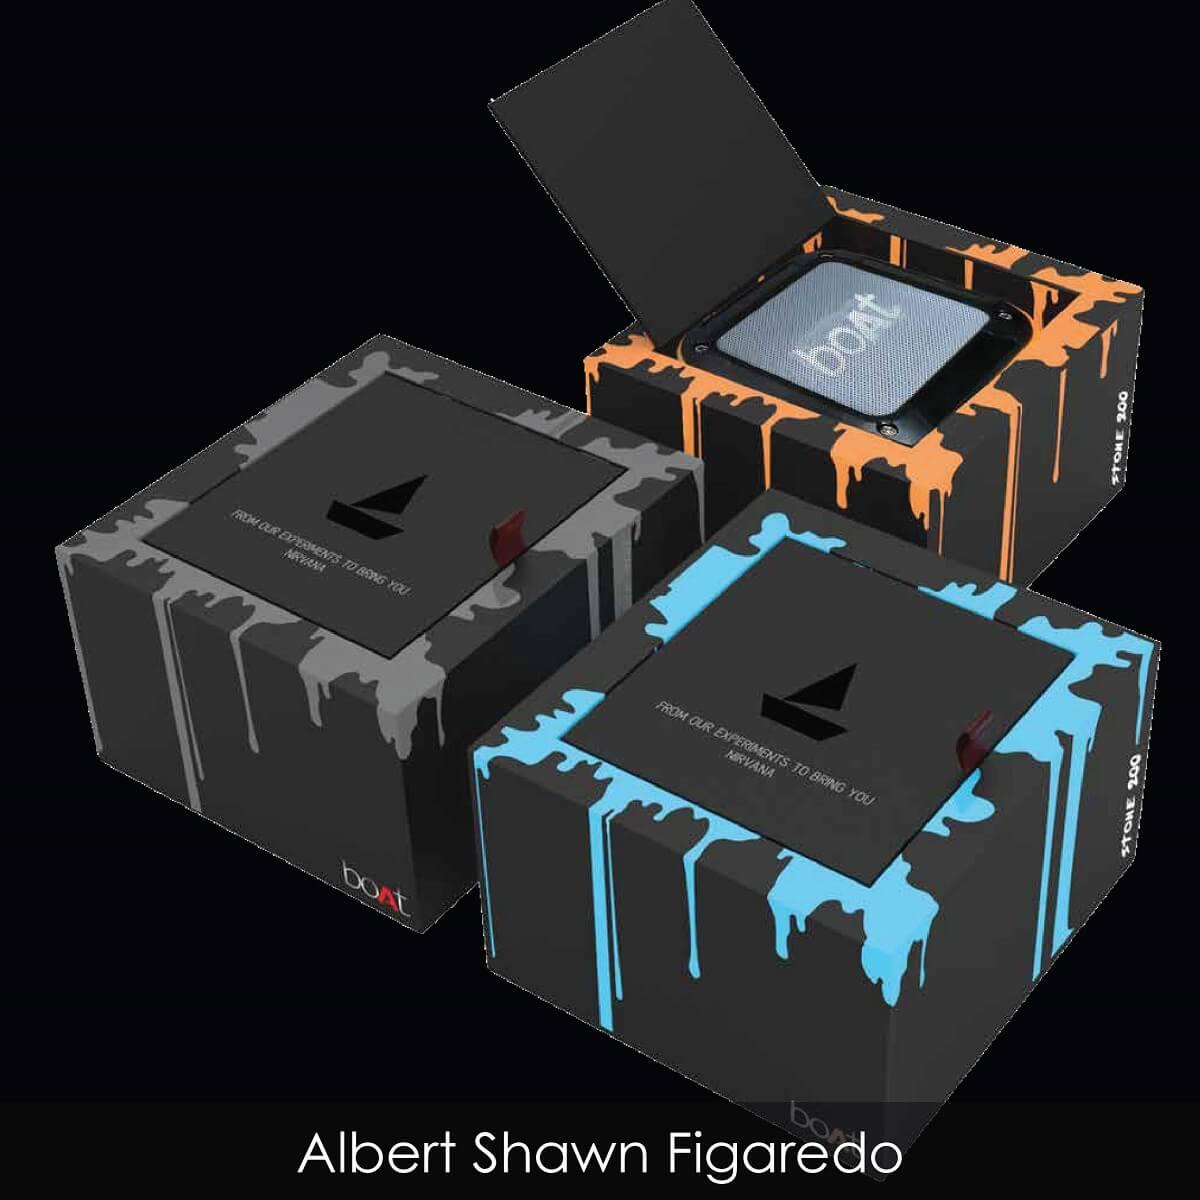 Student Work - Albert Shawn Figaredo